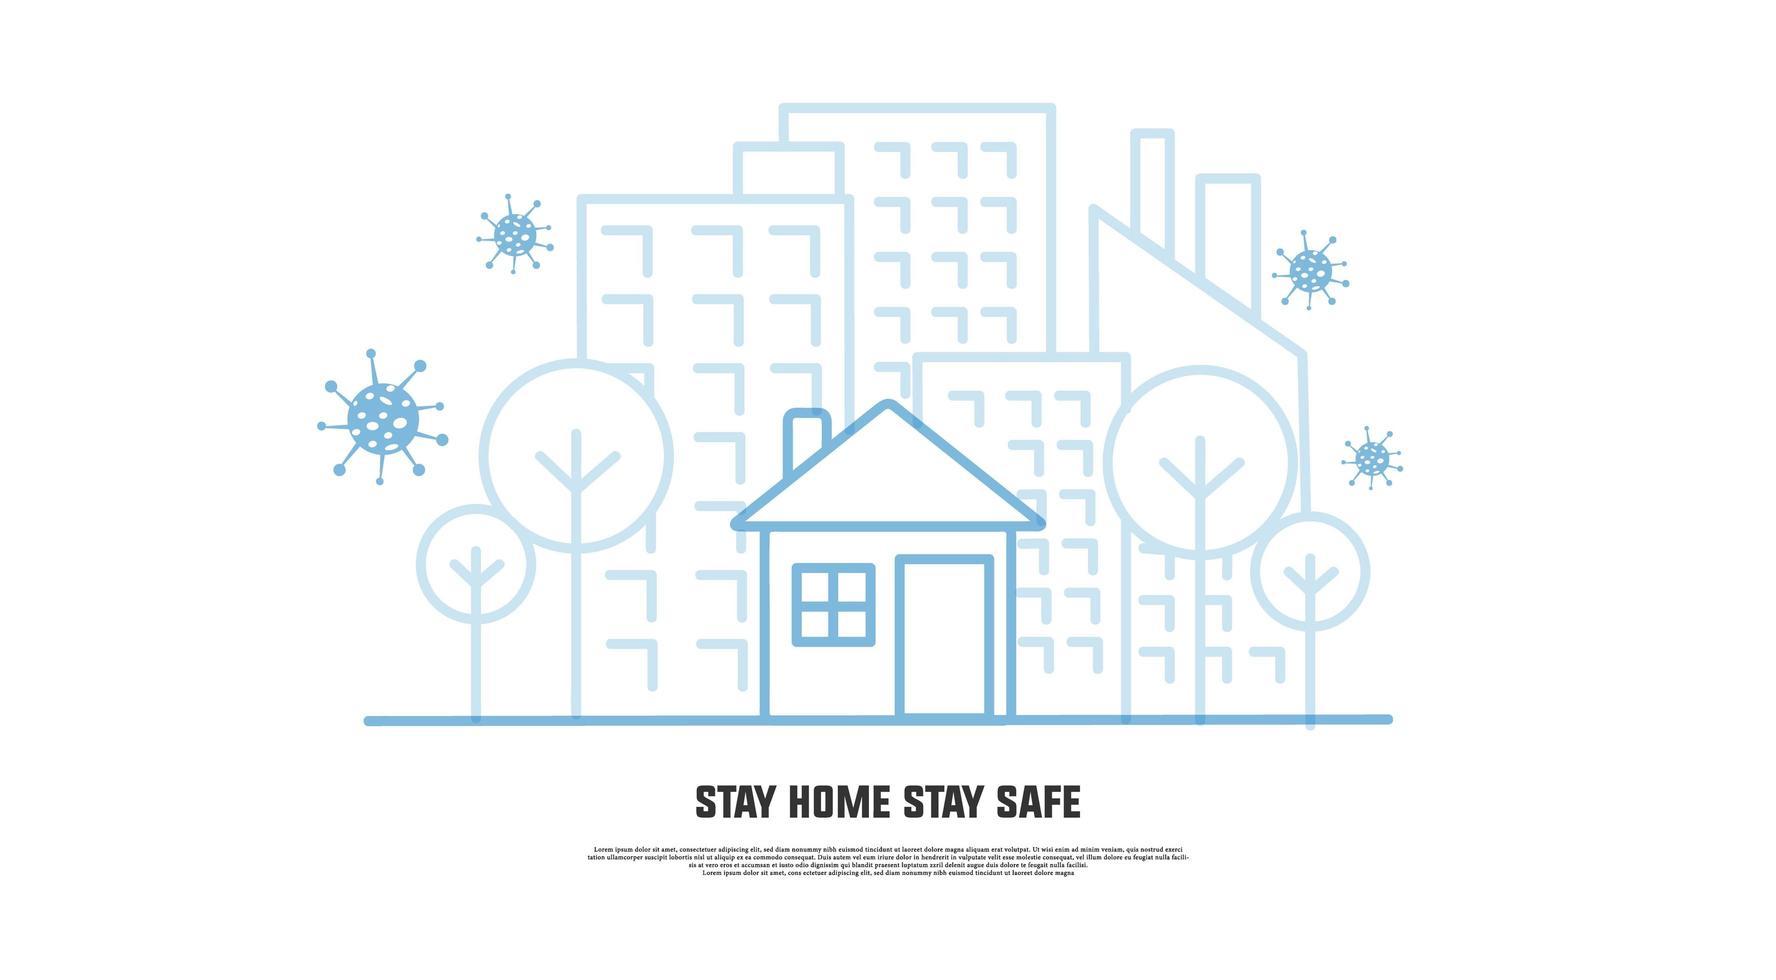 blijf thuis blijf veilig vermijd coronavirus lijntekeningen banner vector